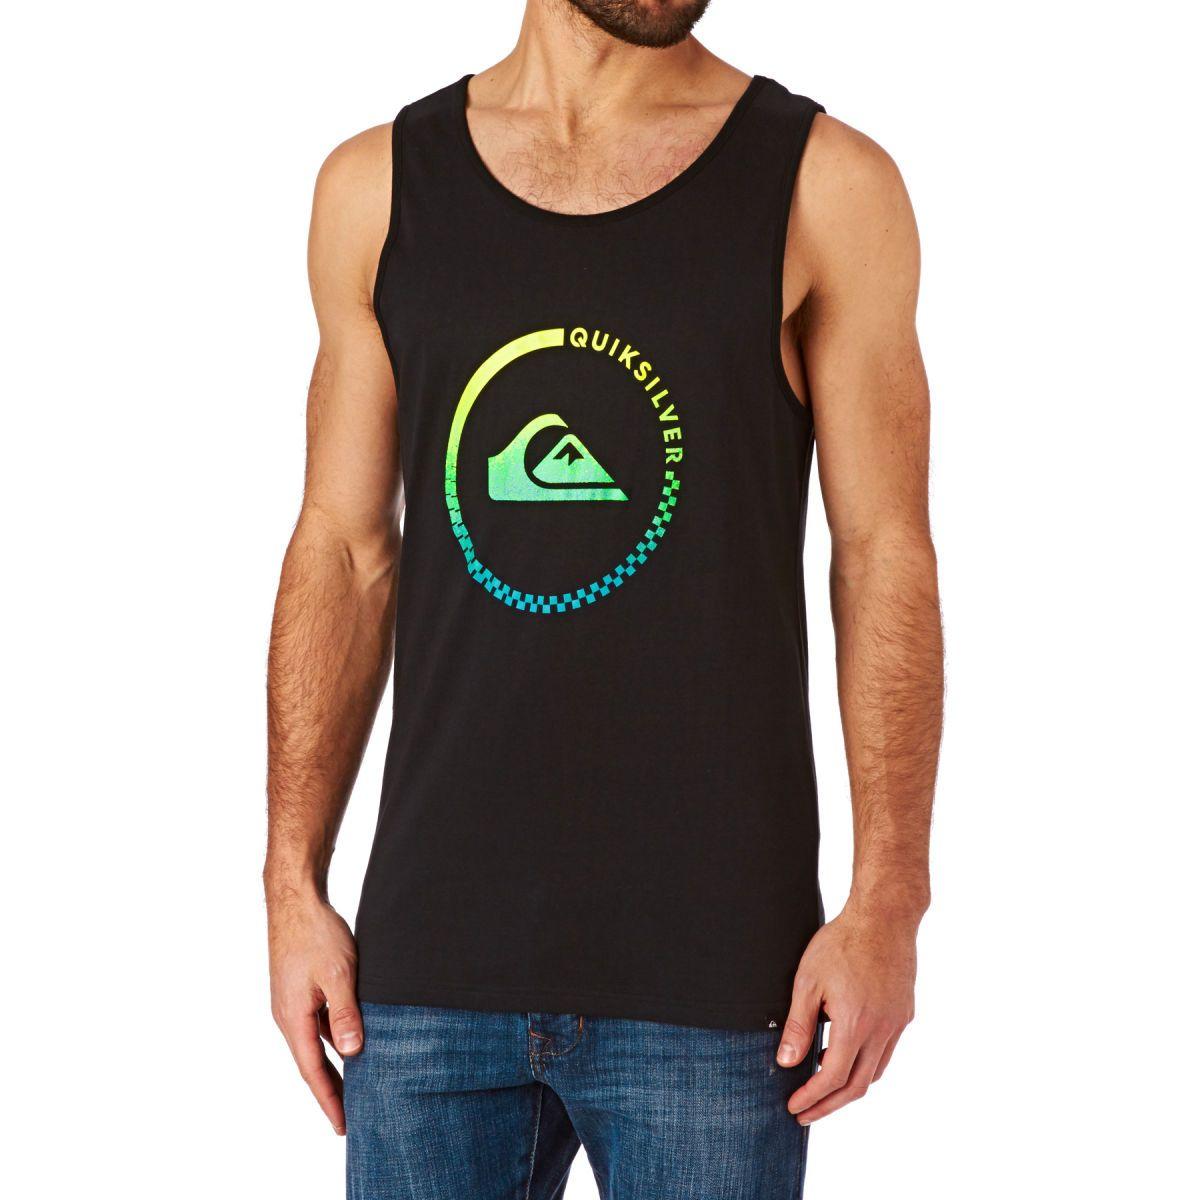 Quiksilver plain black t shirt - Quiksilver Classic Everyday Active Vest Black